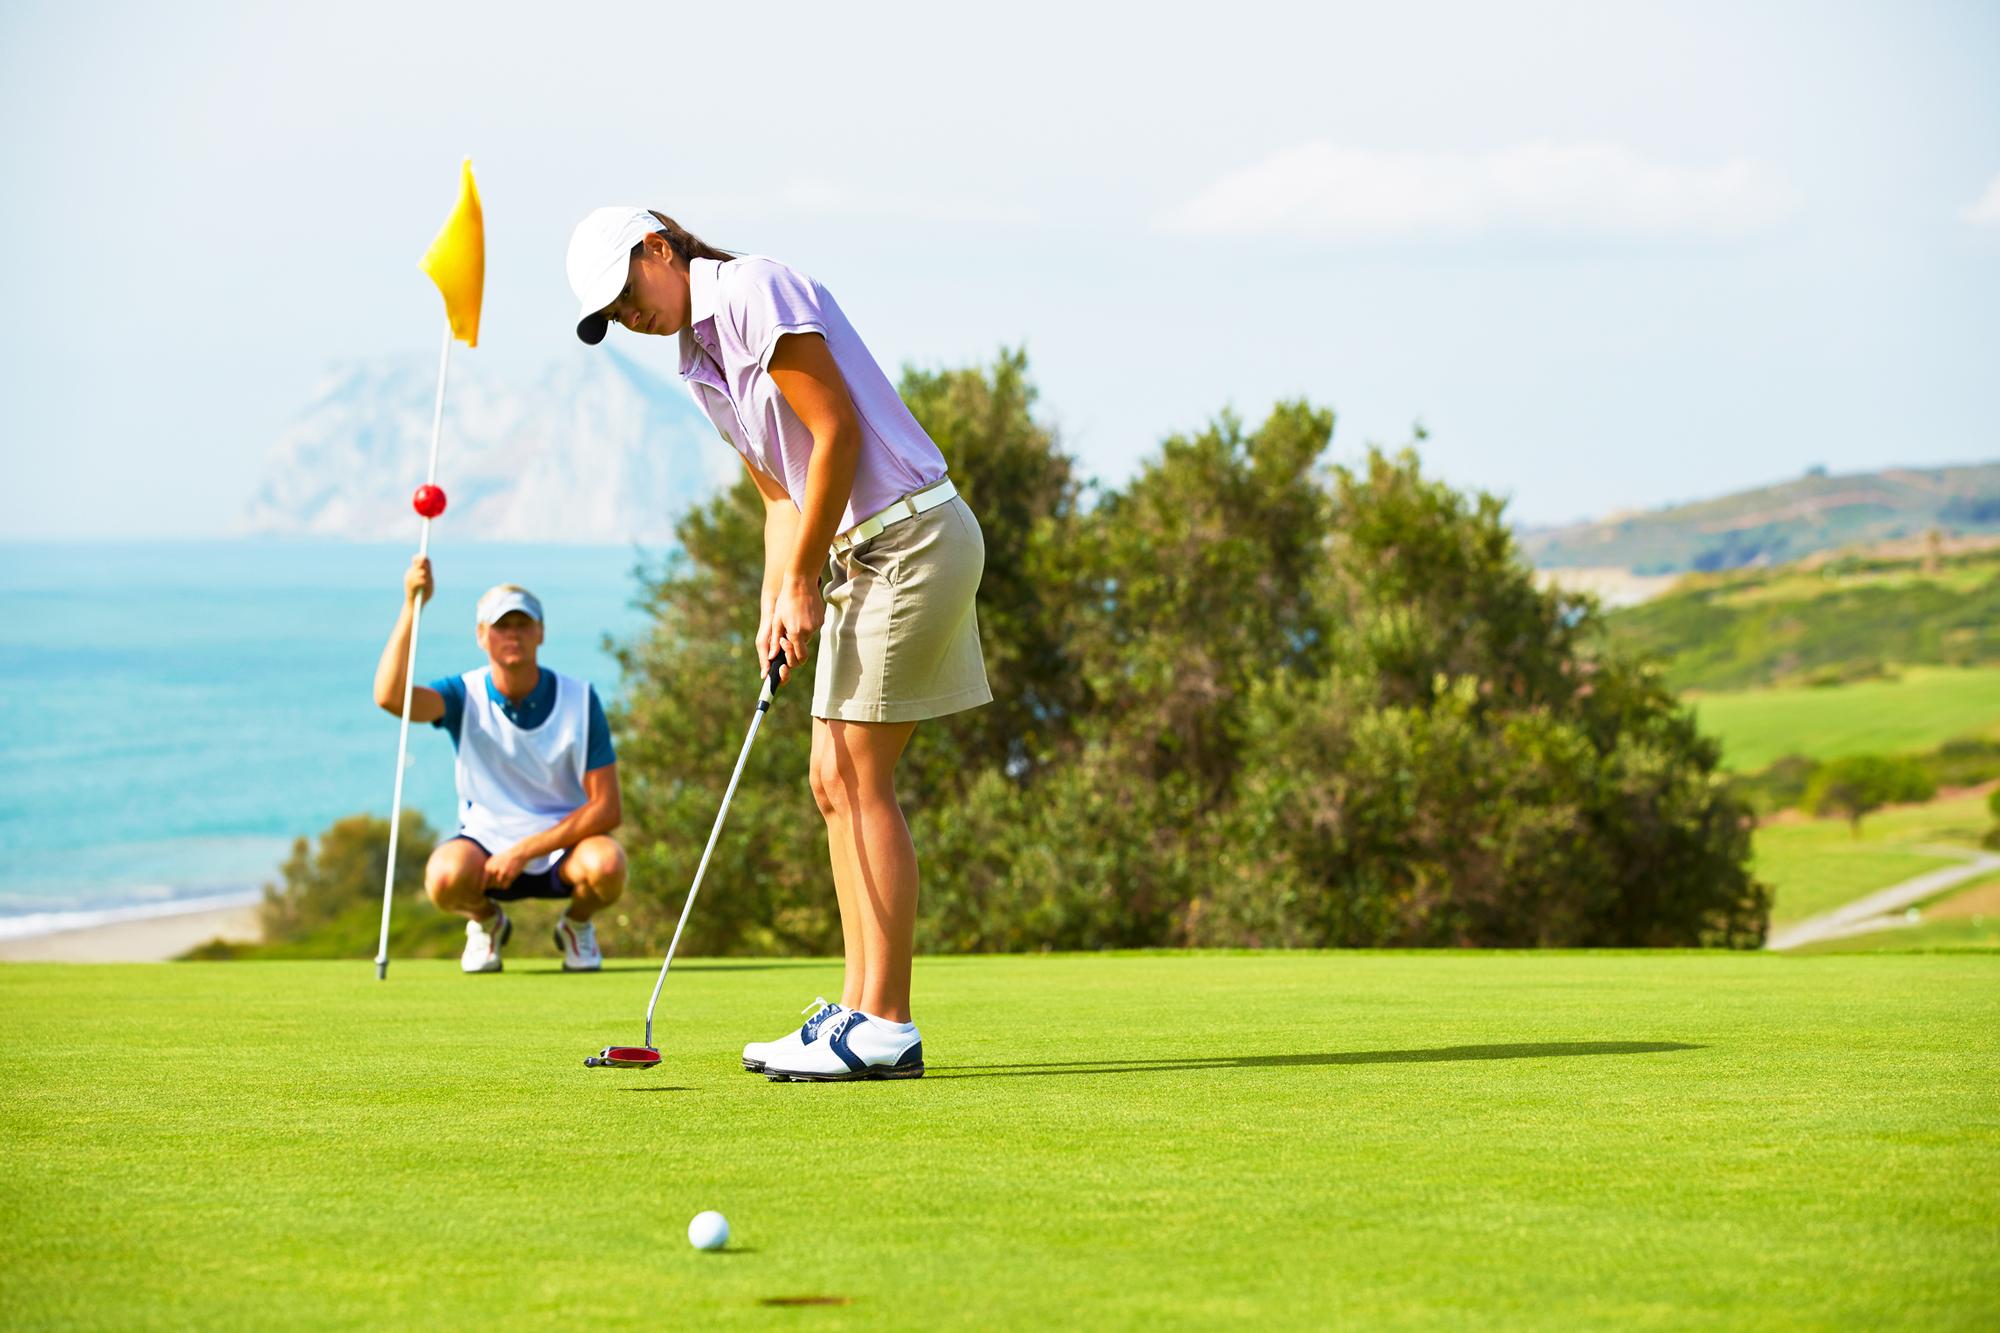 プレショット ルーティーンの練習もしておきましょう!【UGMゴルフスクールコスパ豊中少路 】